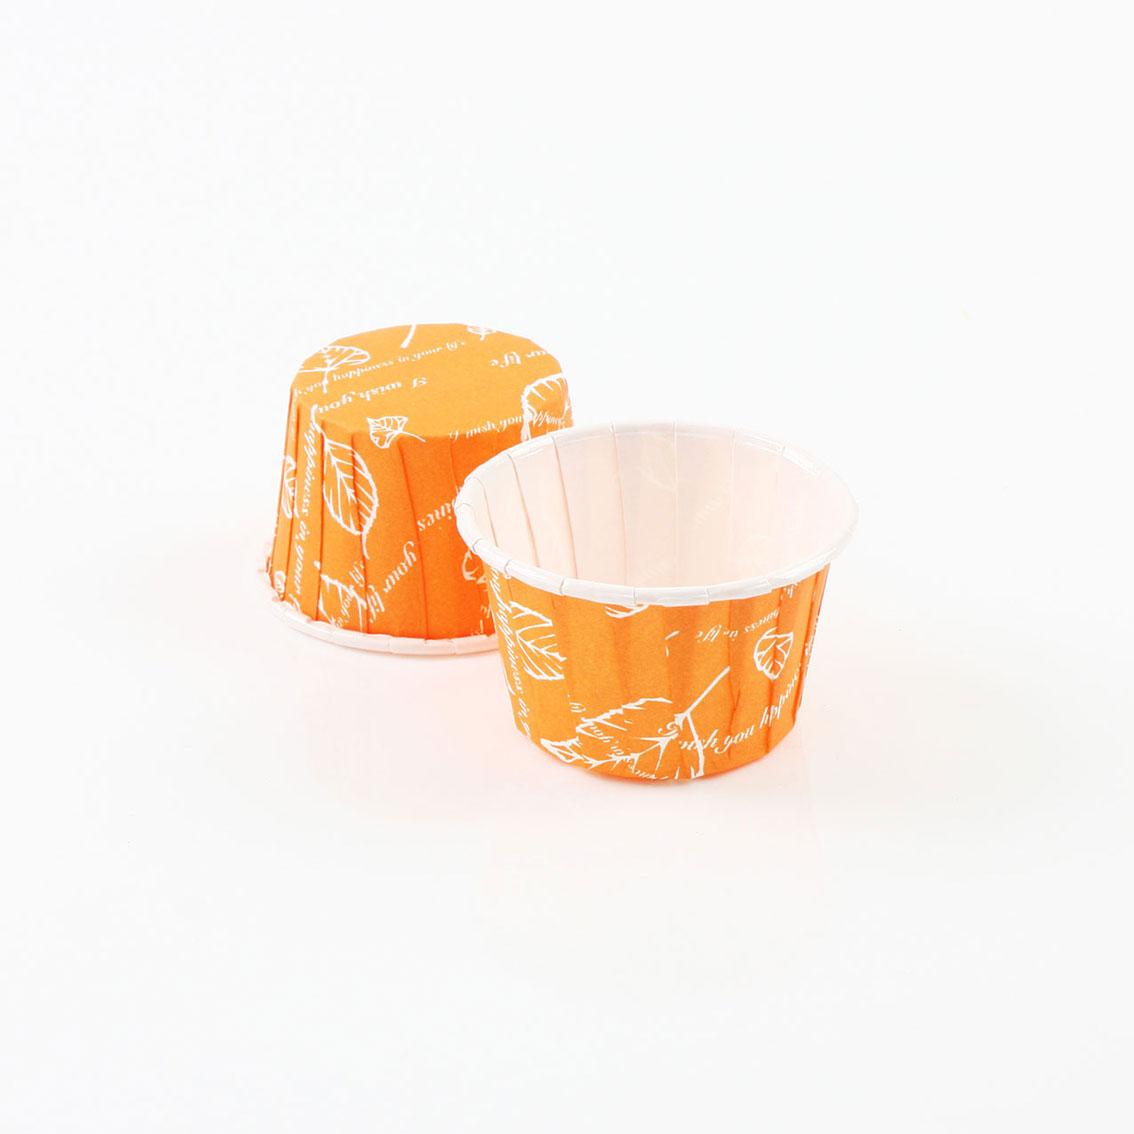 瑪芬杯、杯子蛋糕、捲口杯 PET3830-09 樹葉橘(100pcs/包)